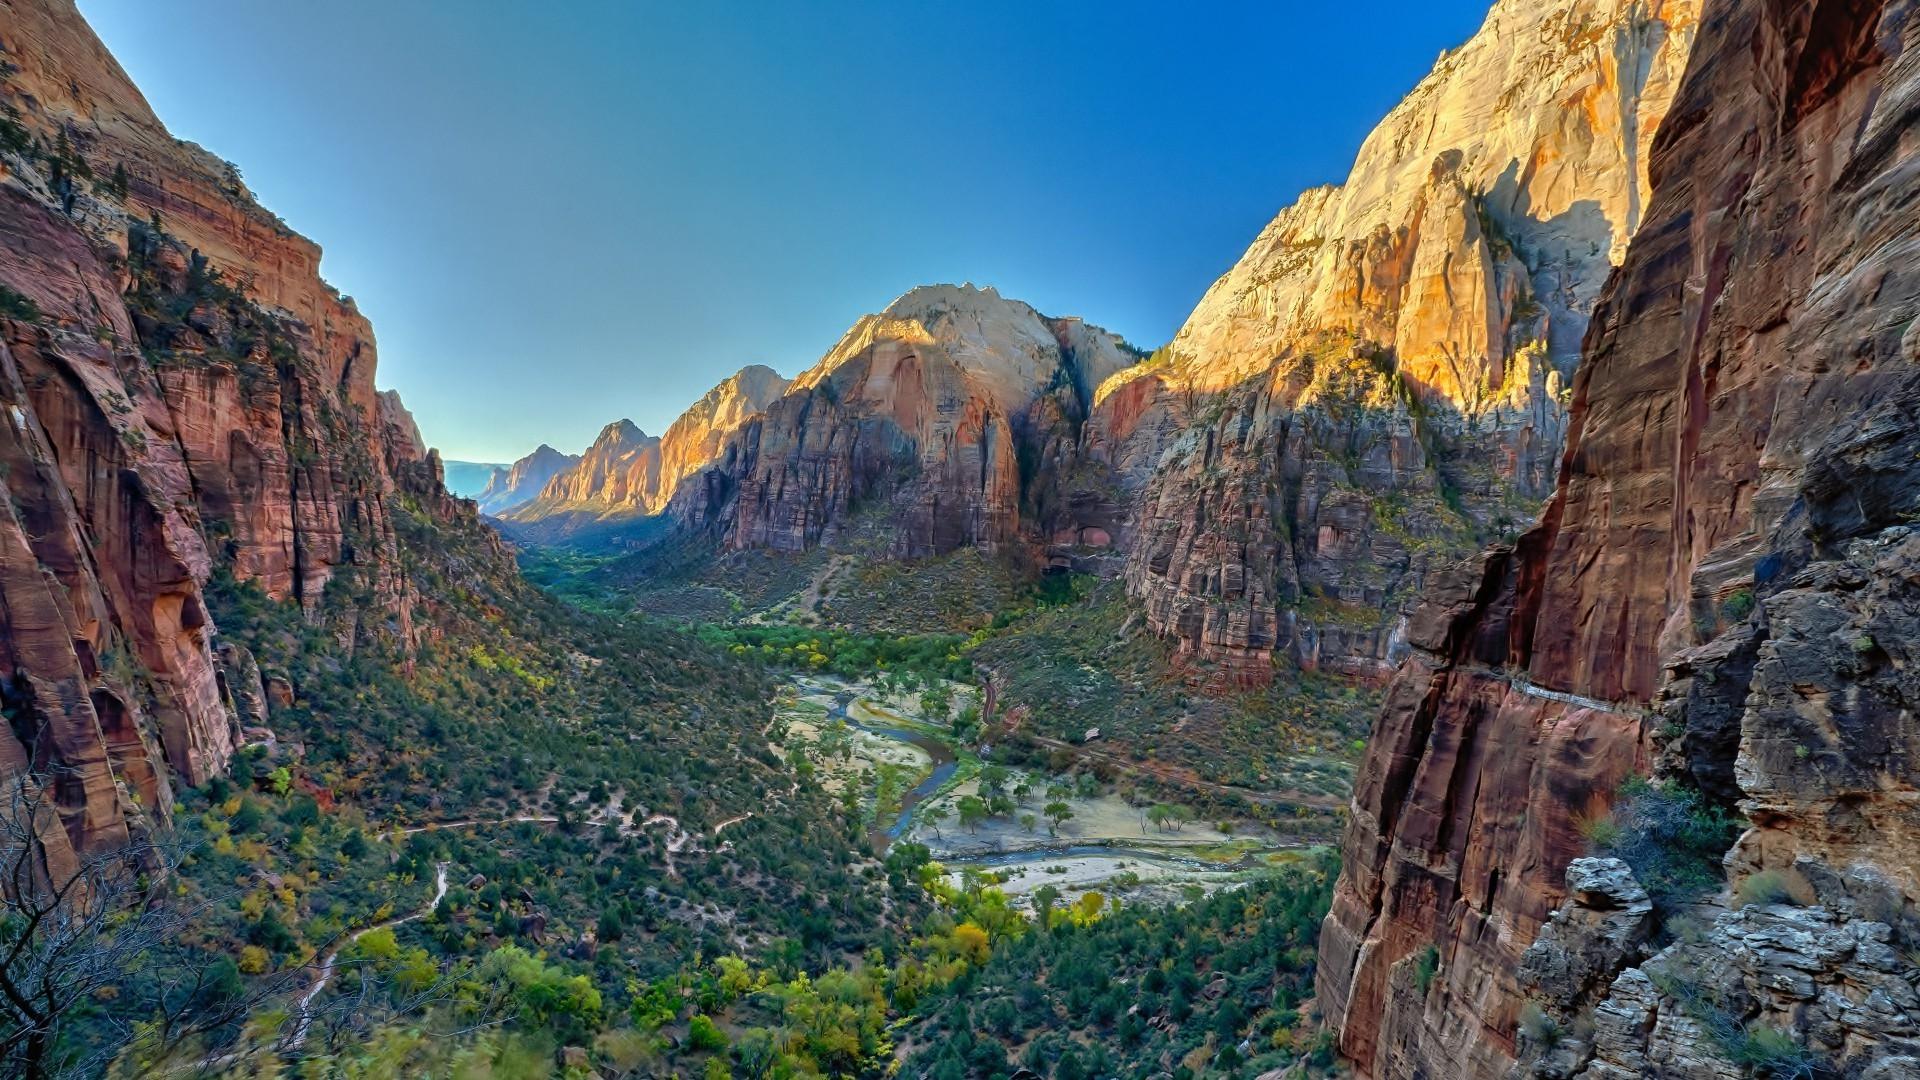 Wallpaper 1920x1080 Px Landscape Nature Usa Utah Zion